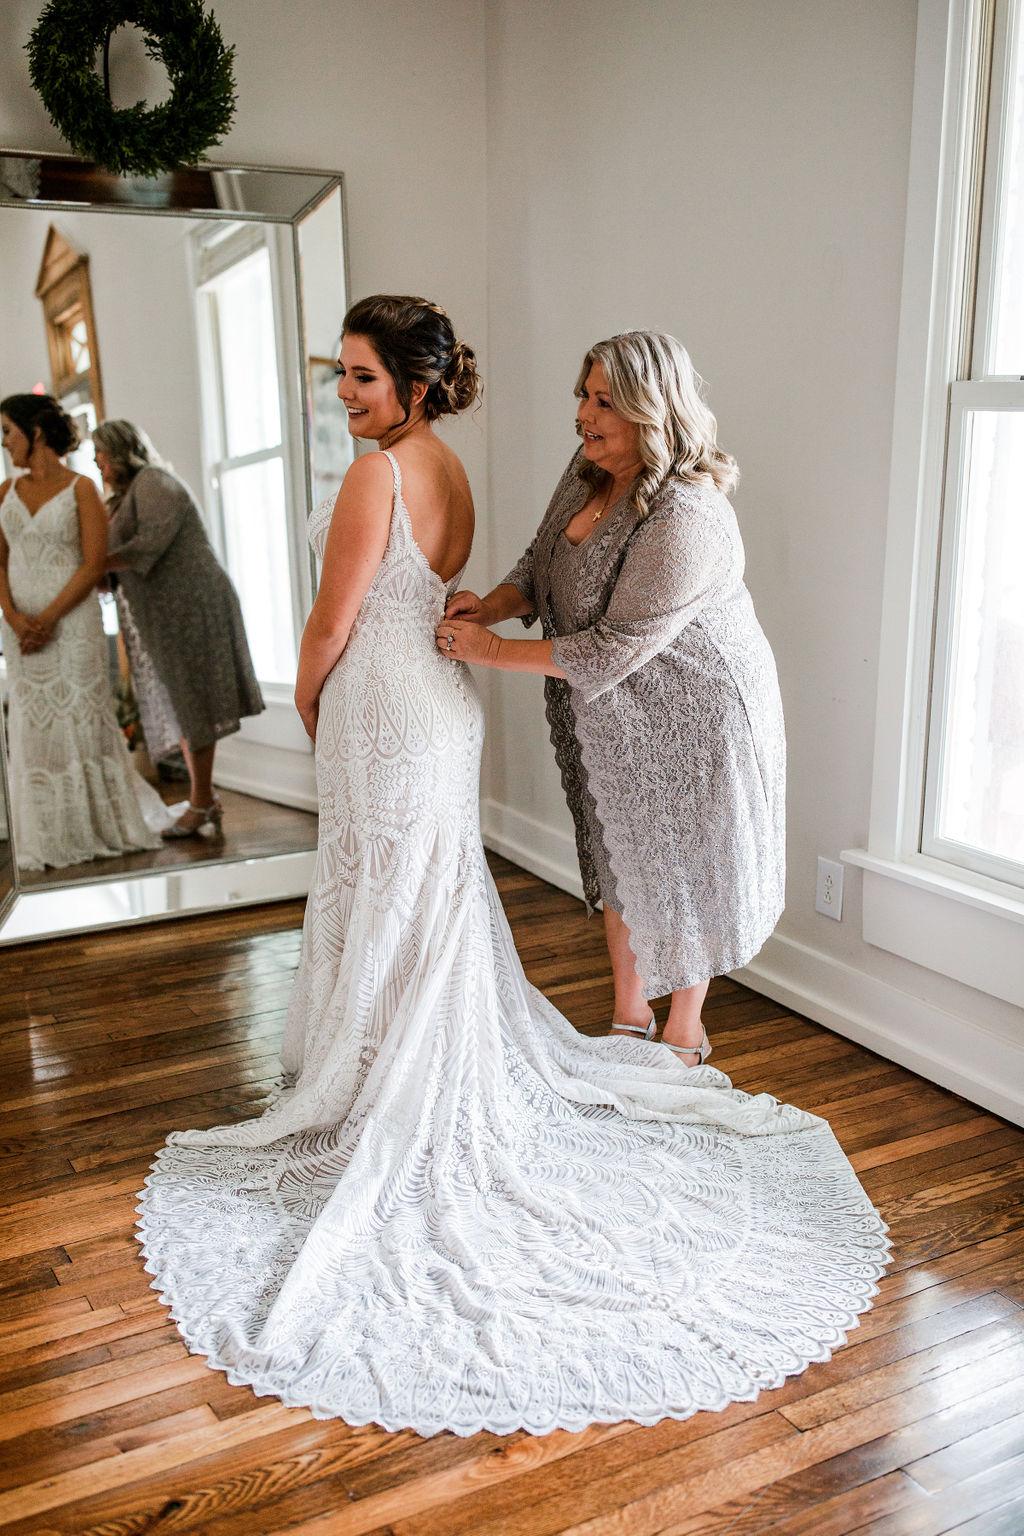 Spaghetti Strap wedding gown | Nashville Bride Guide